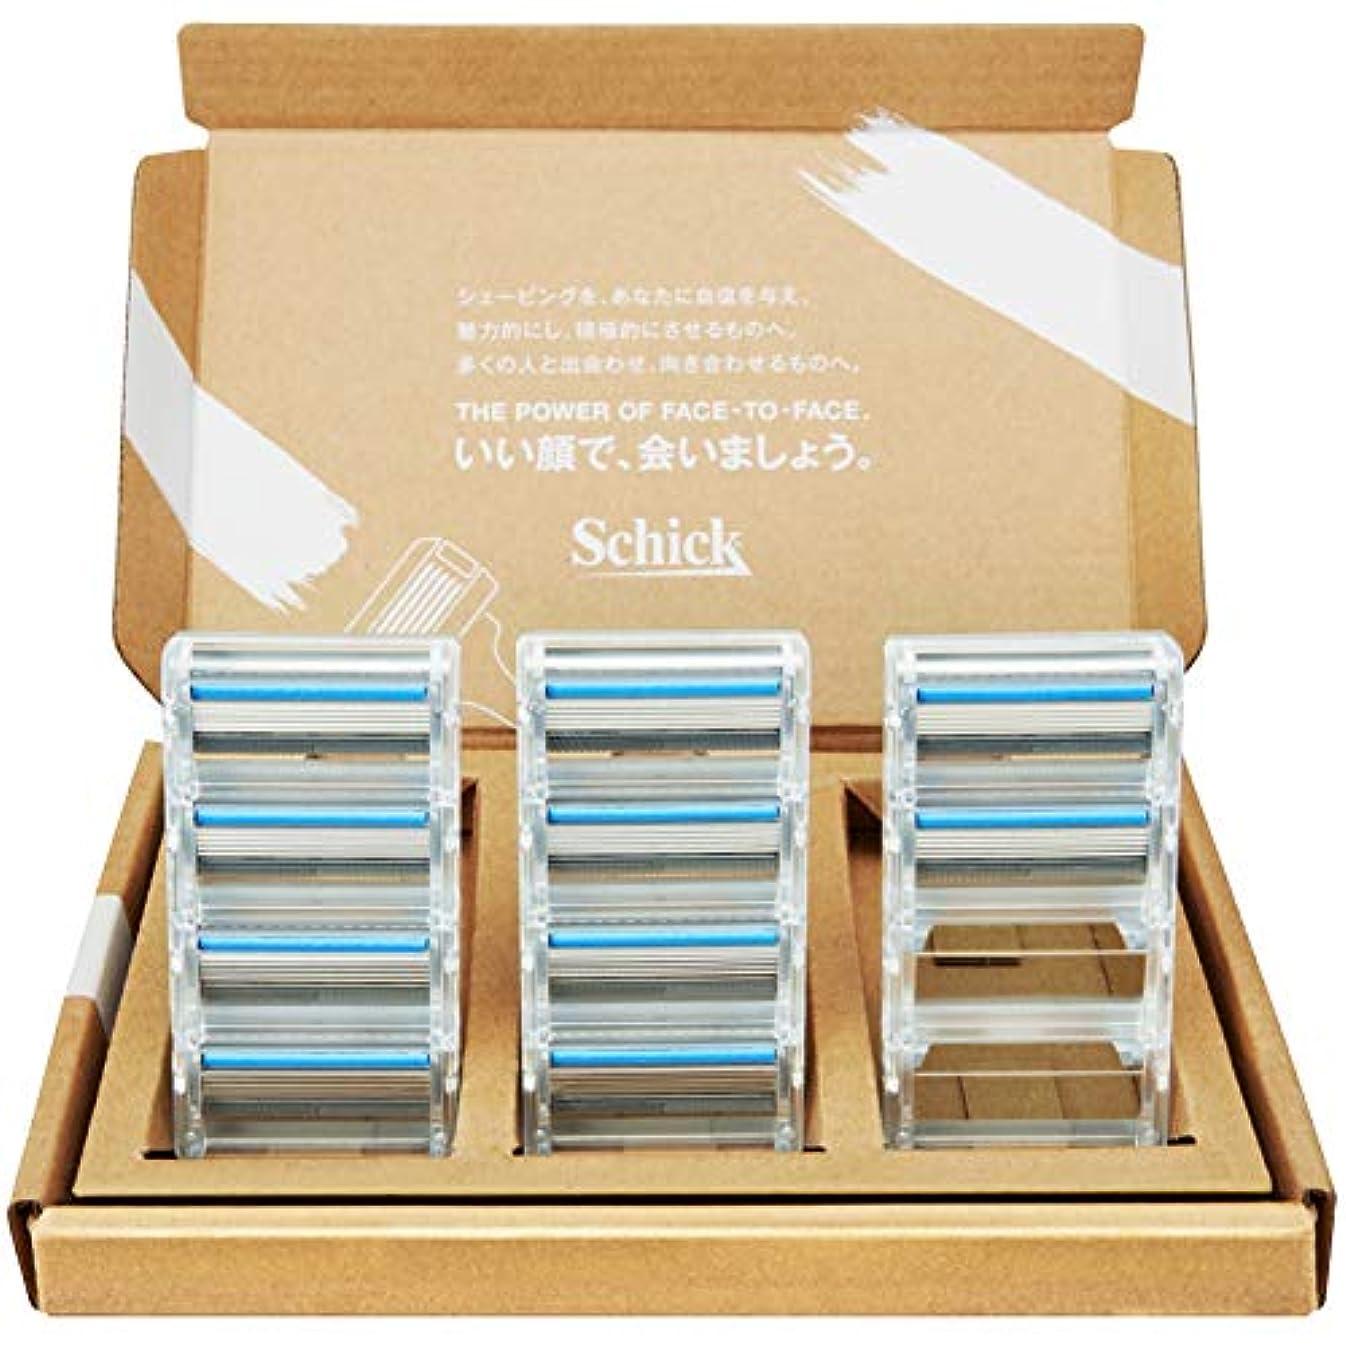 パール目覚める画家【Amazon.co.jp限定】 シック クアトロ5 チタニウム 替刃 10コ入